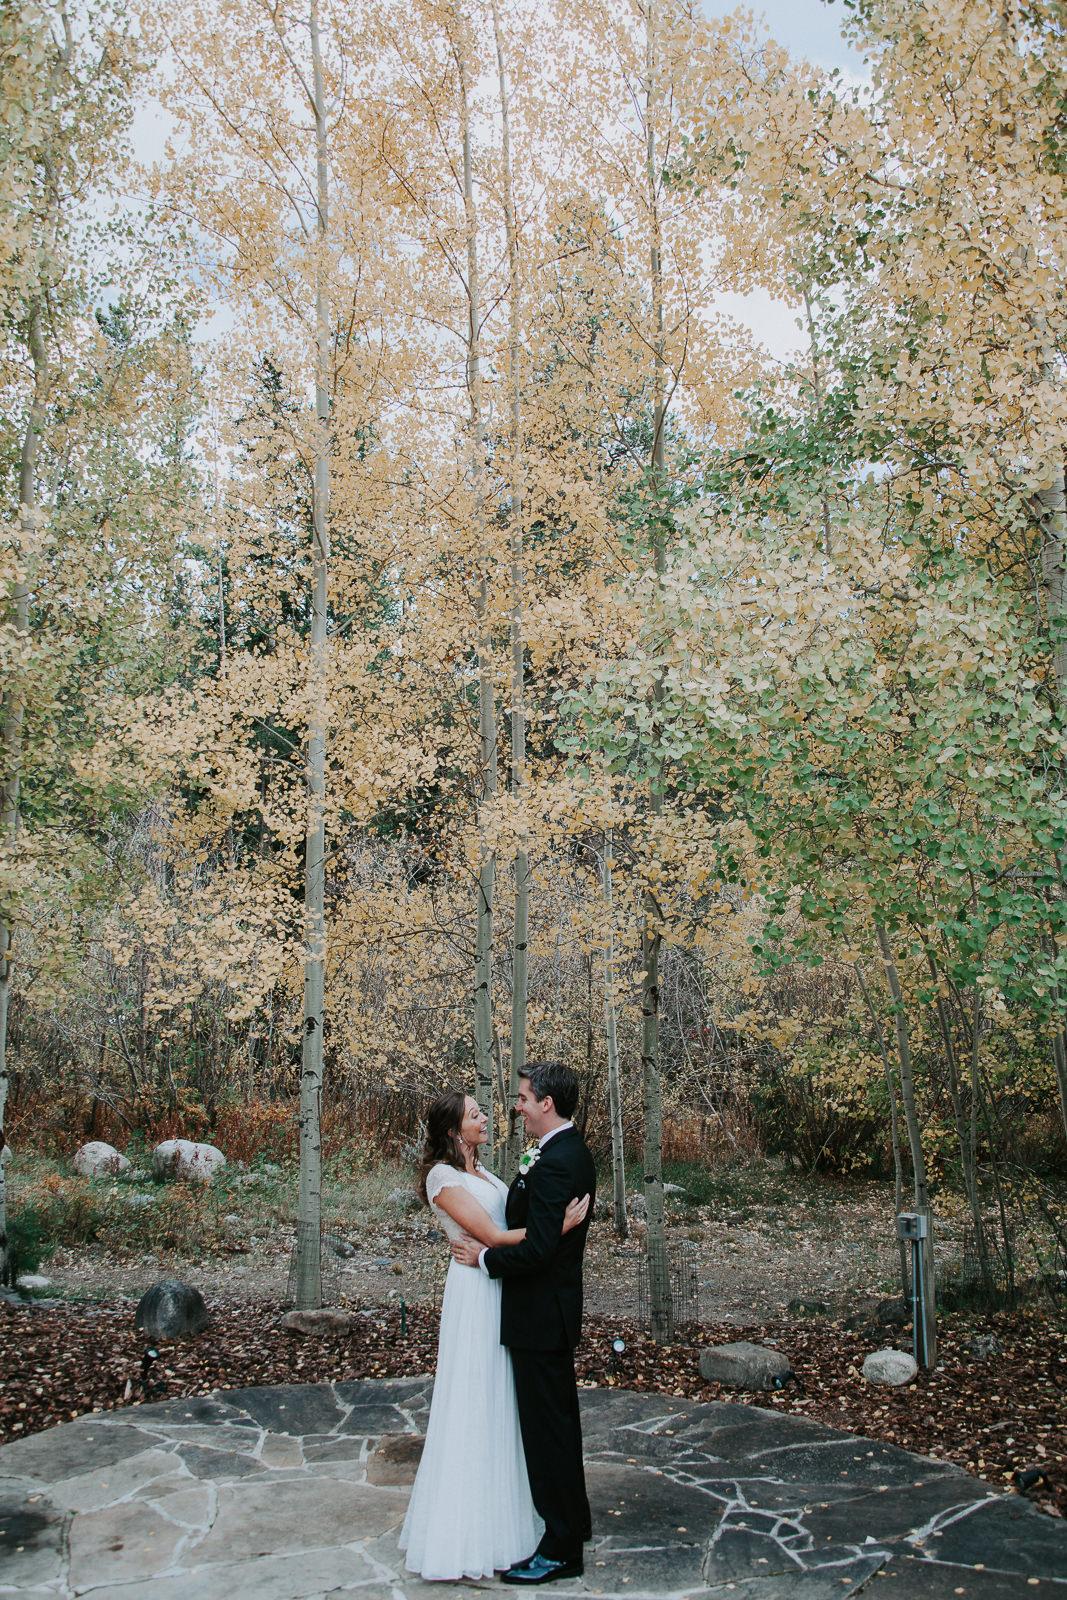 Wedding ceremony fall colors in Keystone Colorado